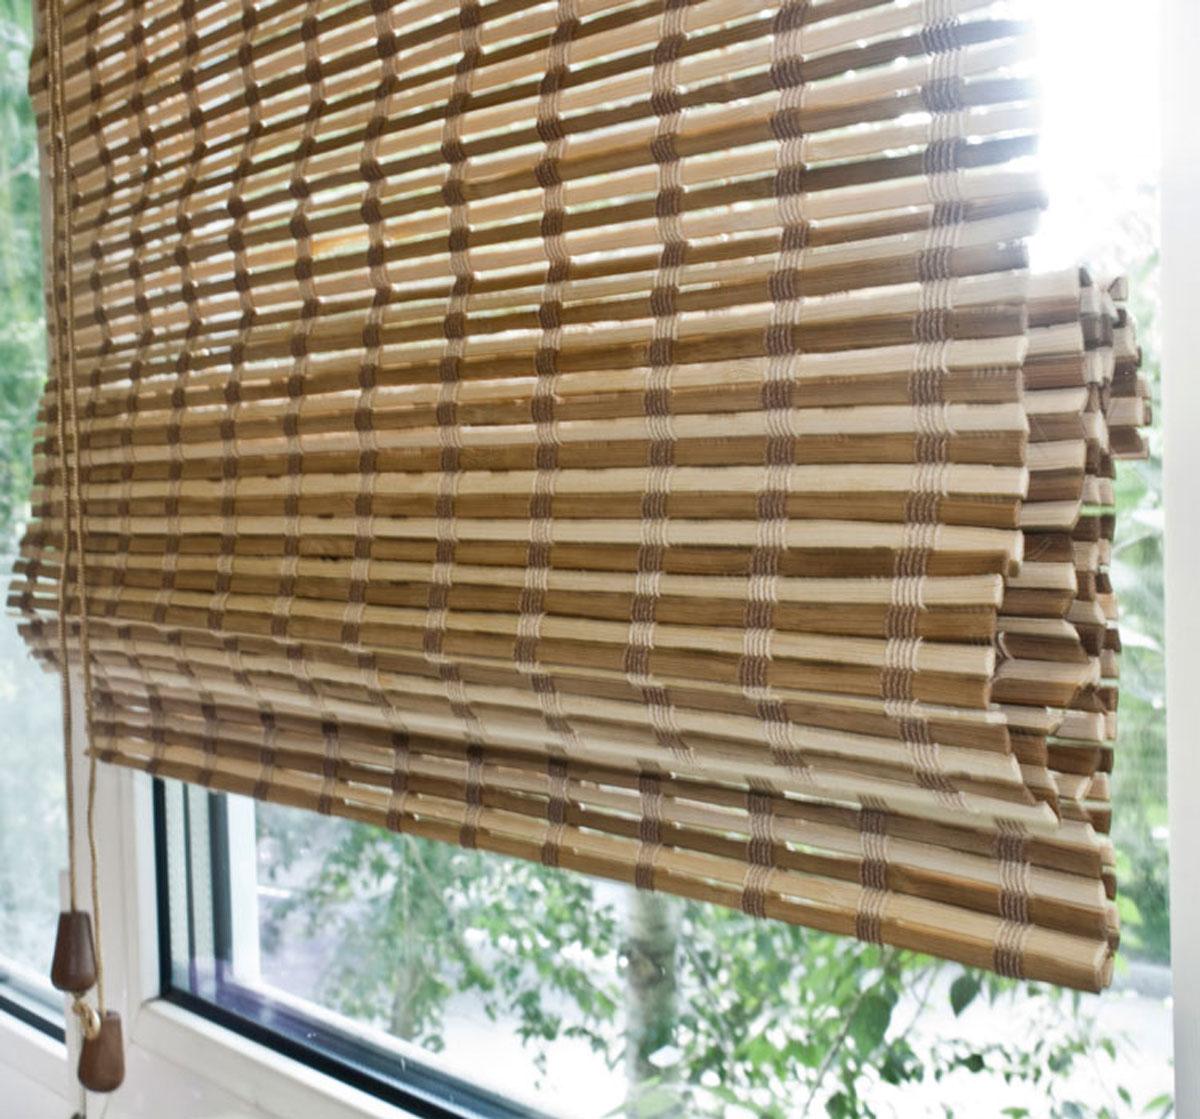 Римская штора Эскар 60х160 см, бамбуковая, цвет: микс72959060160Римская штора Эскар, выполненная из натурального бамбука, является оригинальным современным аксессуаром для создания необычного интерьера в восточном или минималистичном стиле. Римская бамбуковая штора, как и тканевая римская штора, при поднятии образует крупные складки, которые прекрасно декорируют окно. Особенность устройства полотна позволяет свободно пропускать дневной свет, что обеспечивает мягкое освещение комнаты. Римская штора из натурального влагоустойчивого материала легко вписывается в любой интерьер, хорошо сочетается с различной мебелью и элементами отделки. Использование бамбукового полотна придает помещению необычный вид и визуально расширяет пространство. Бамбуковые шторы требуют только сухого ухода: пылесосом, щеткой, веником или влажной (но не мокрой!) губкой. Комплект для монтажа прилагается.